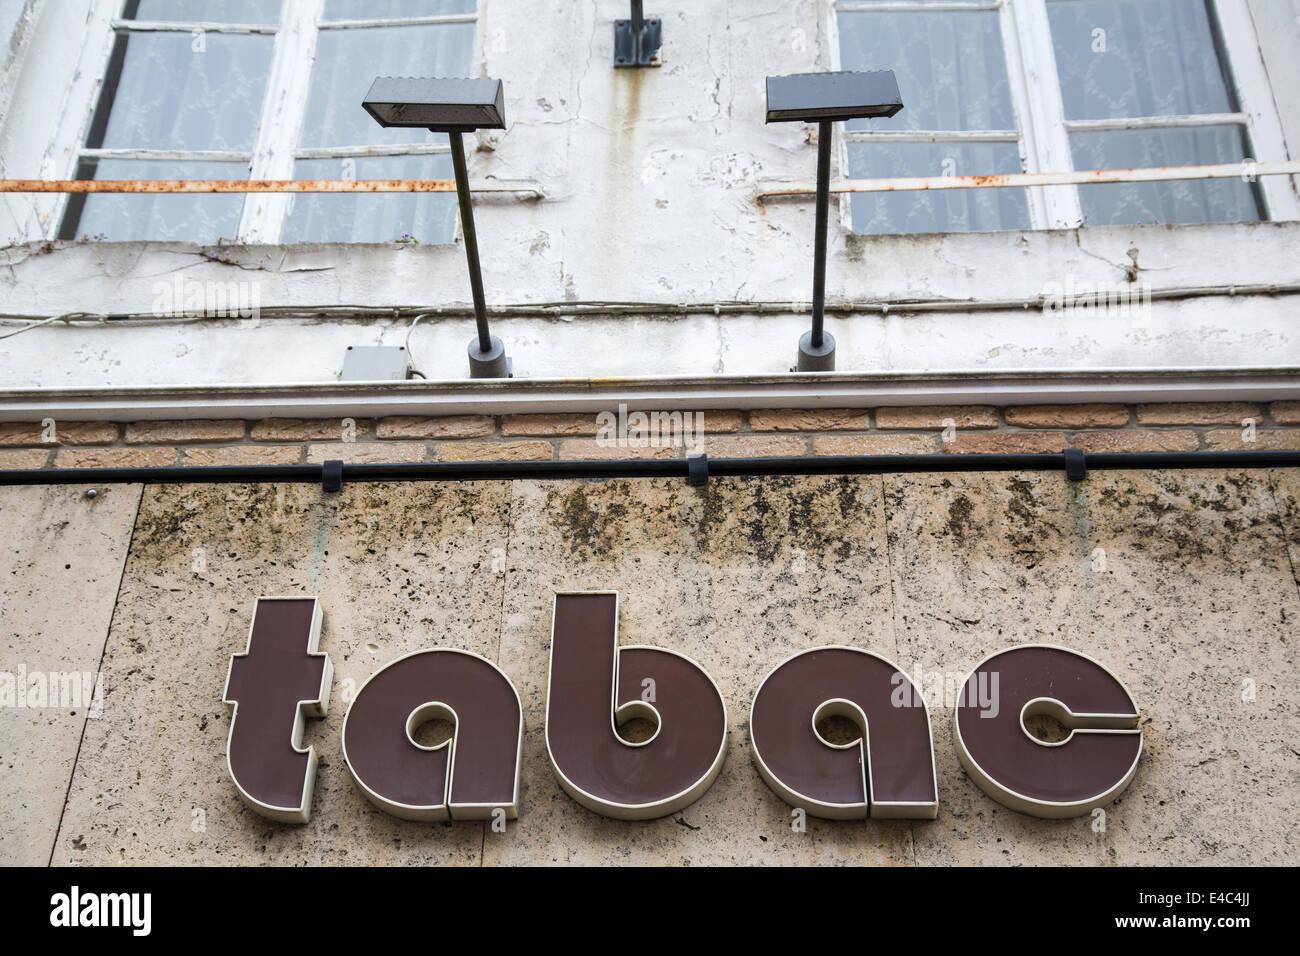 Tabac, Montreuil-sur-Mer, Pas-de-Calais, France - Stock Image